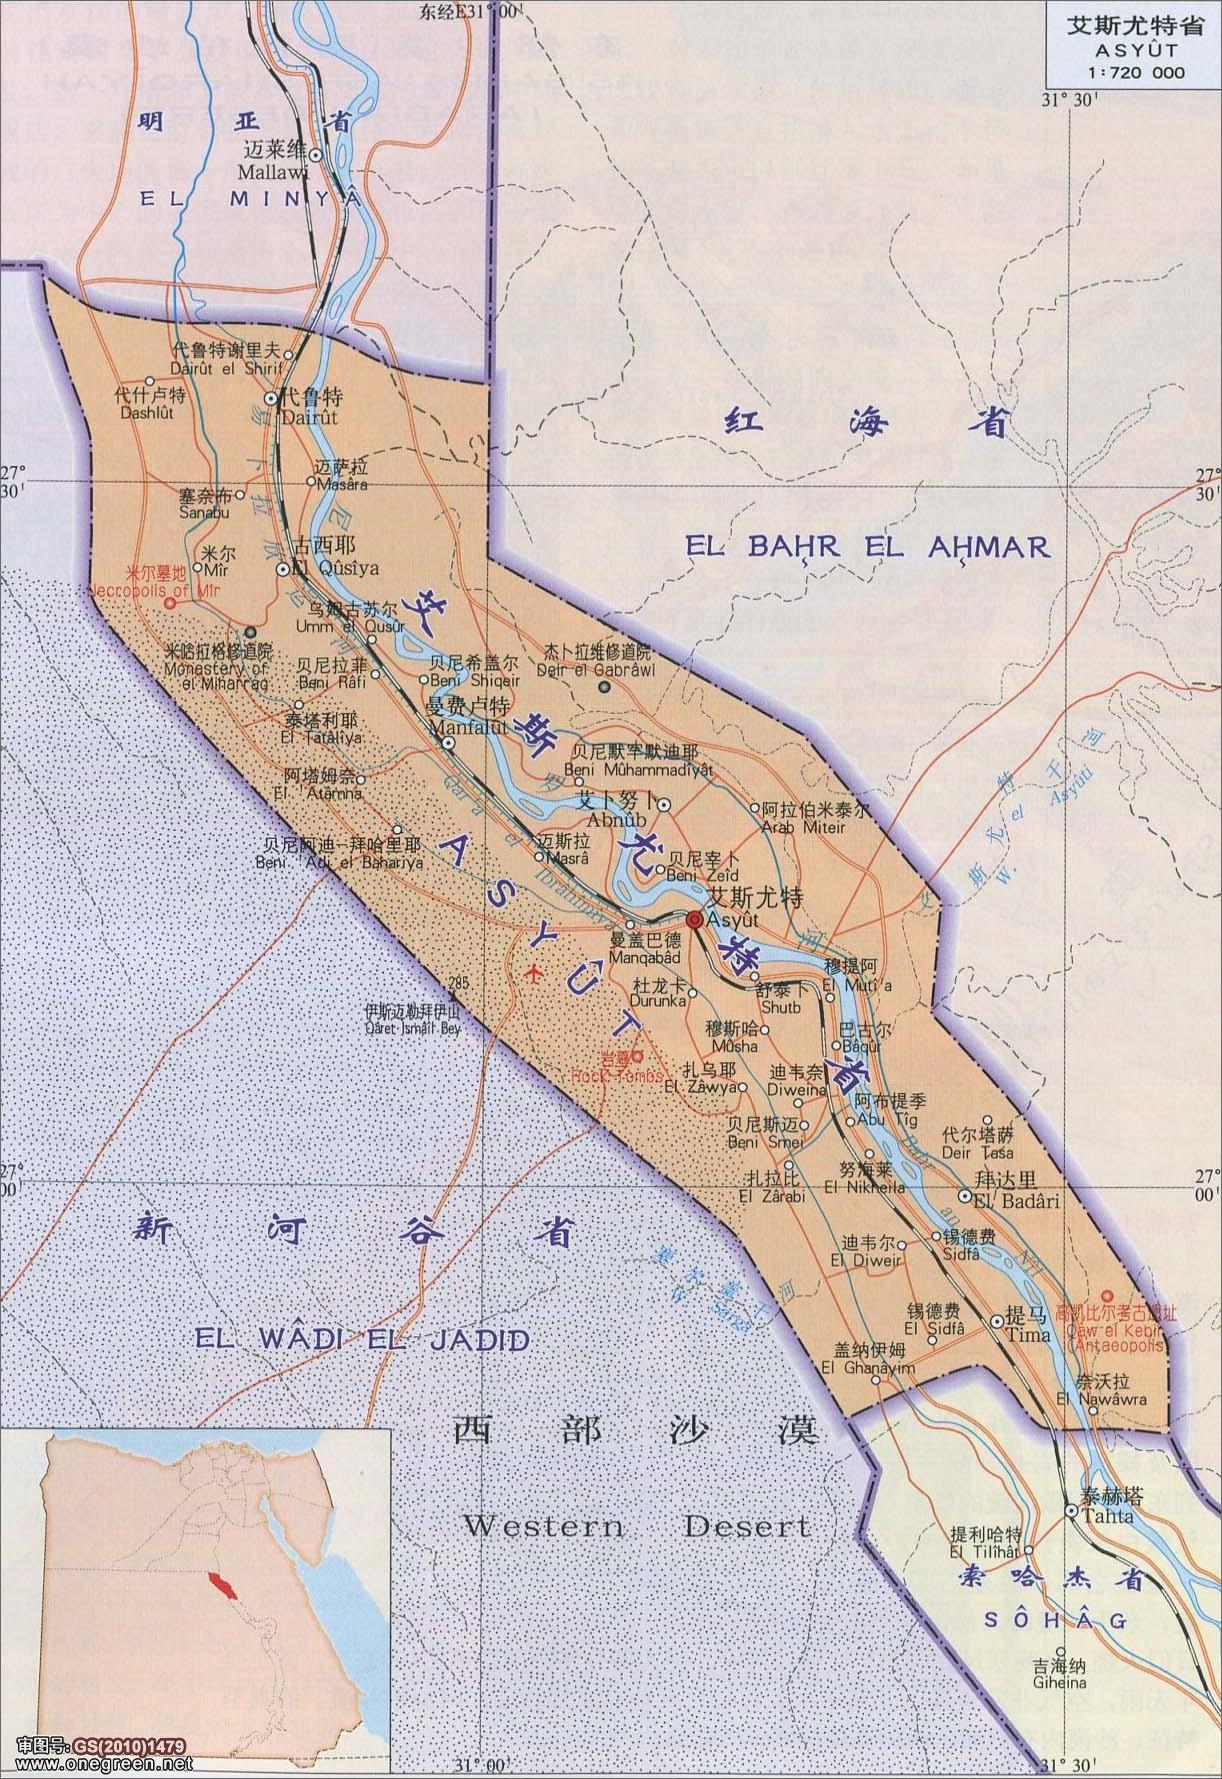 博茨瓦纳地图_艾斯尤特省地图_埃及地图库_地图窝